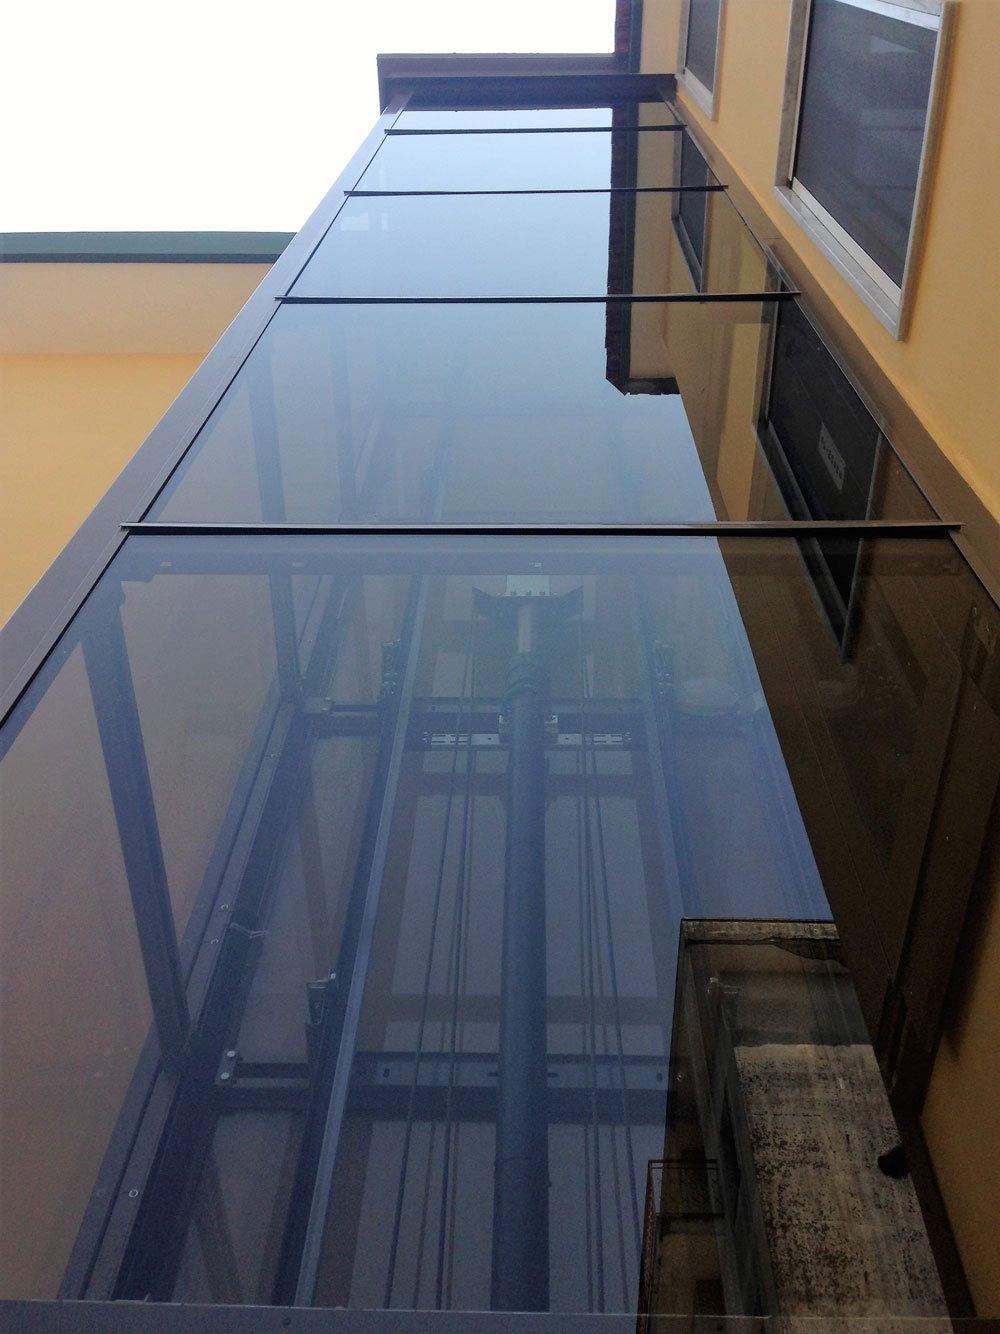 vista dall'alto in basso della cabina in vetro che ospita l'ascensore all'esterno di uno stabile